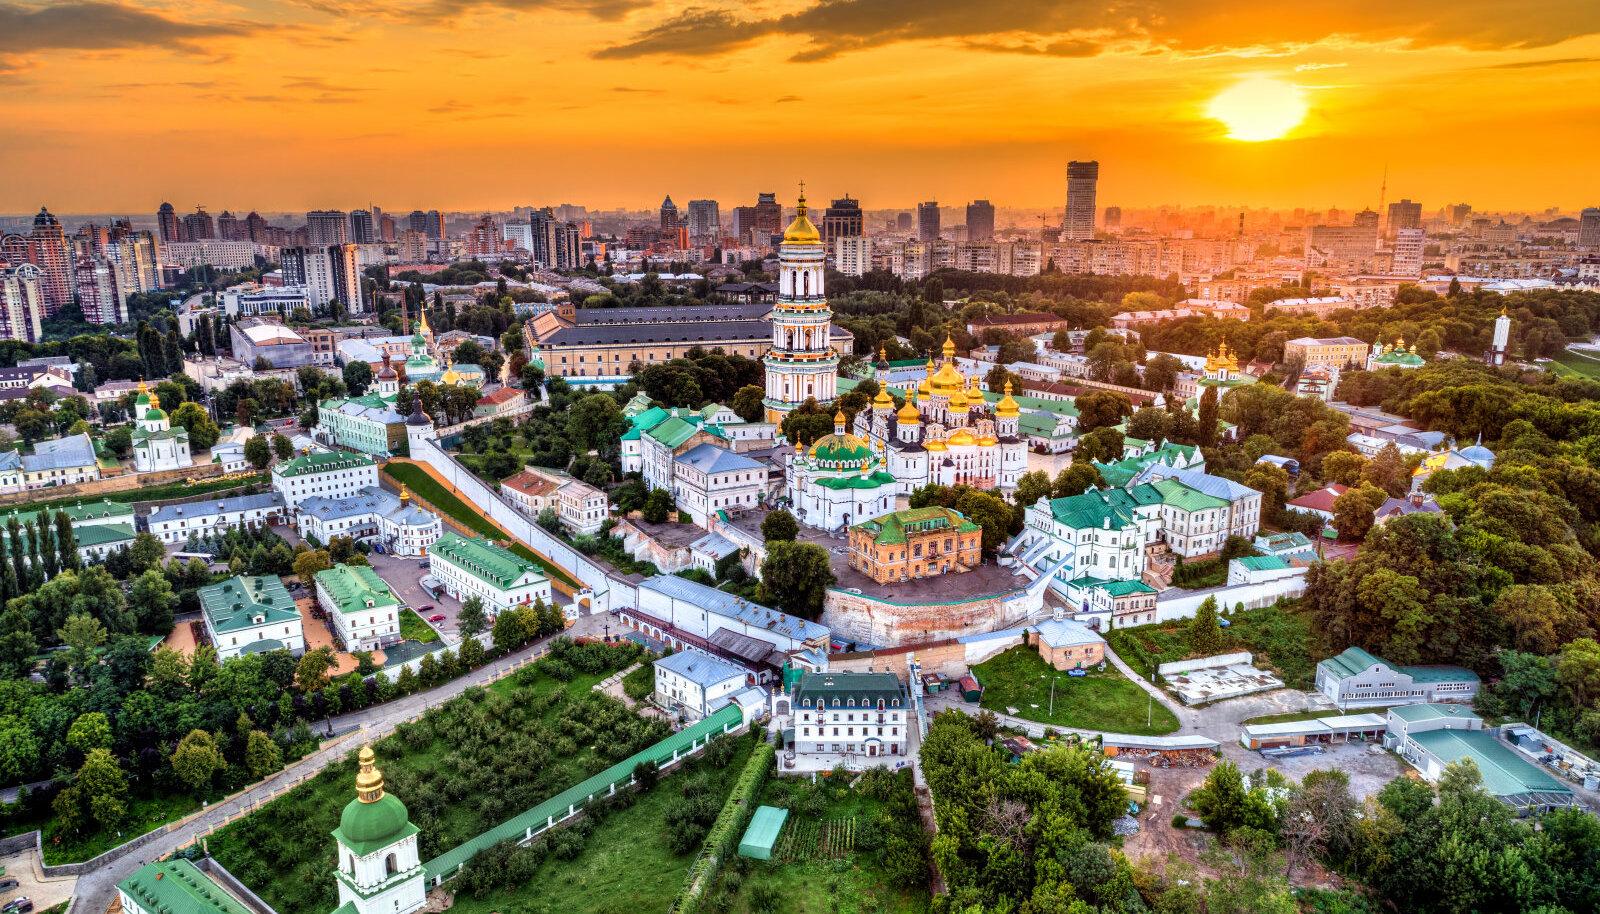 Kiiev, Ukraina